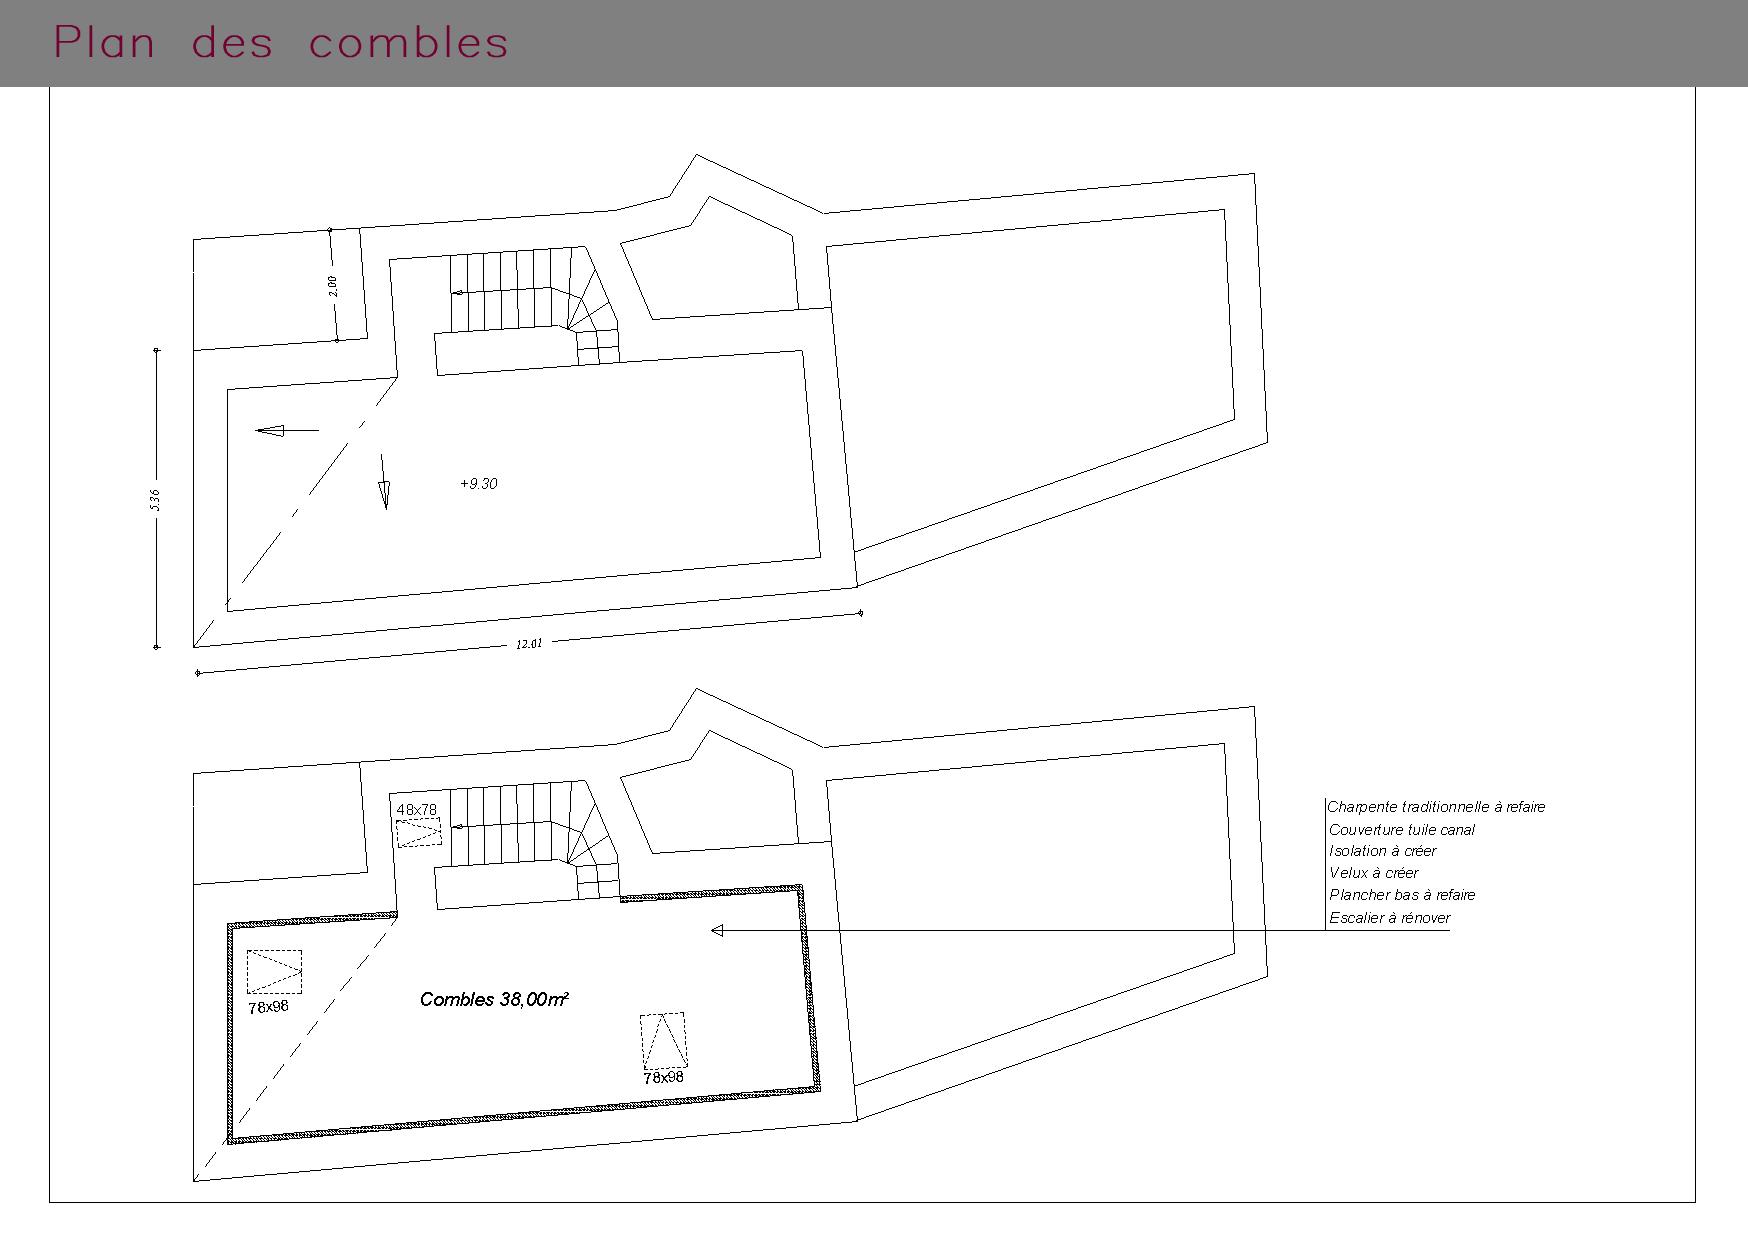 Plan des combles d'une maison de village